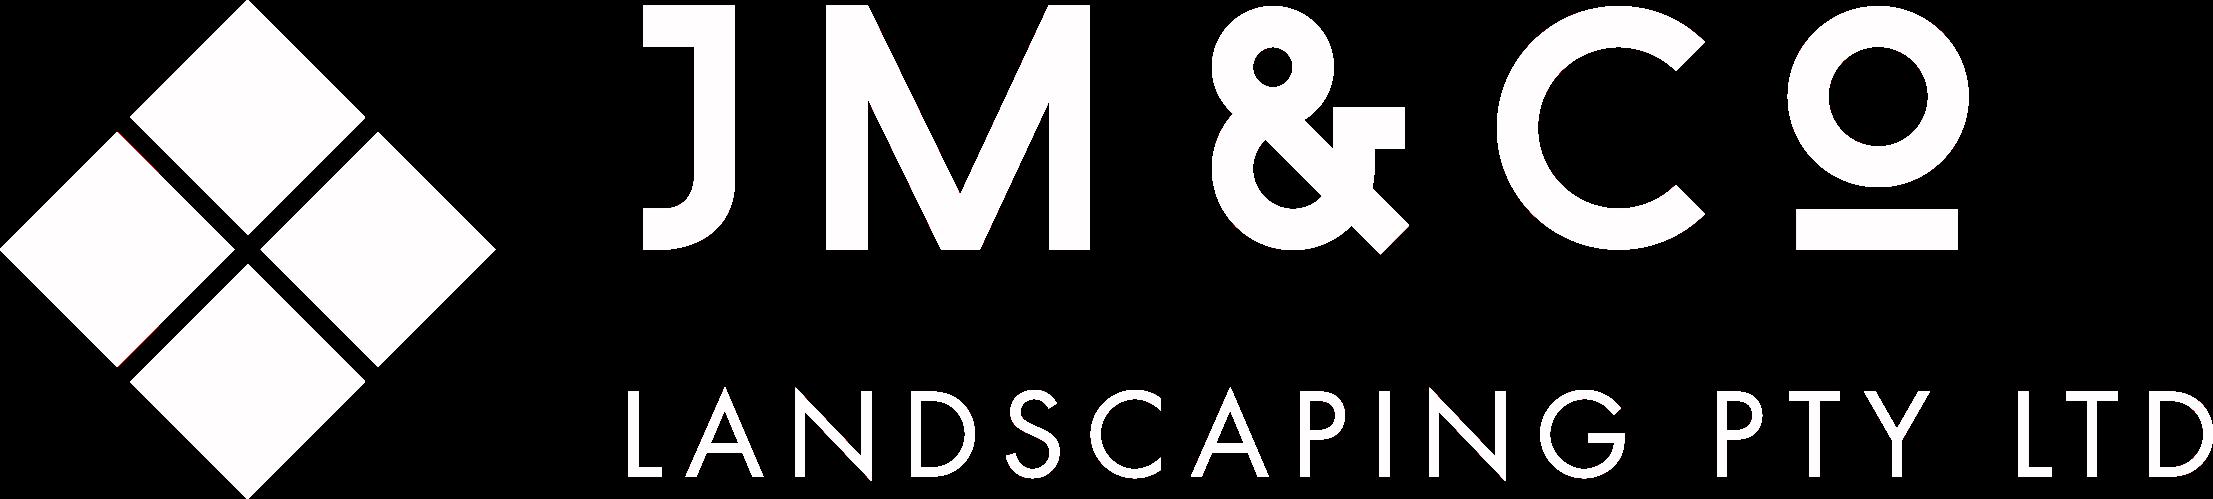 JM & Co